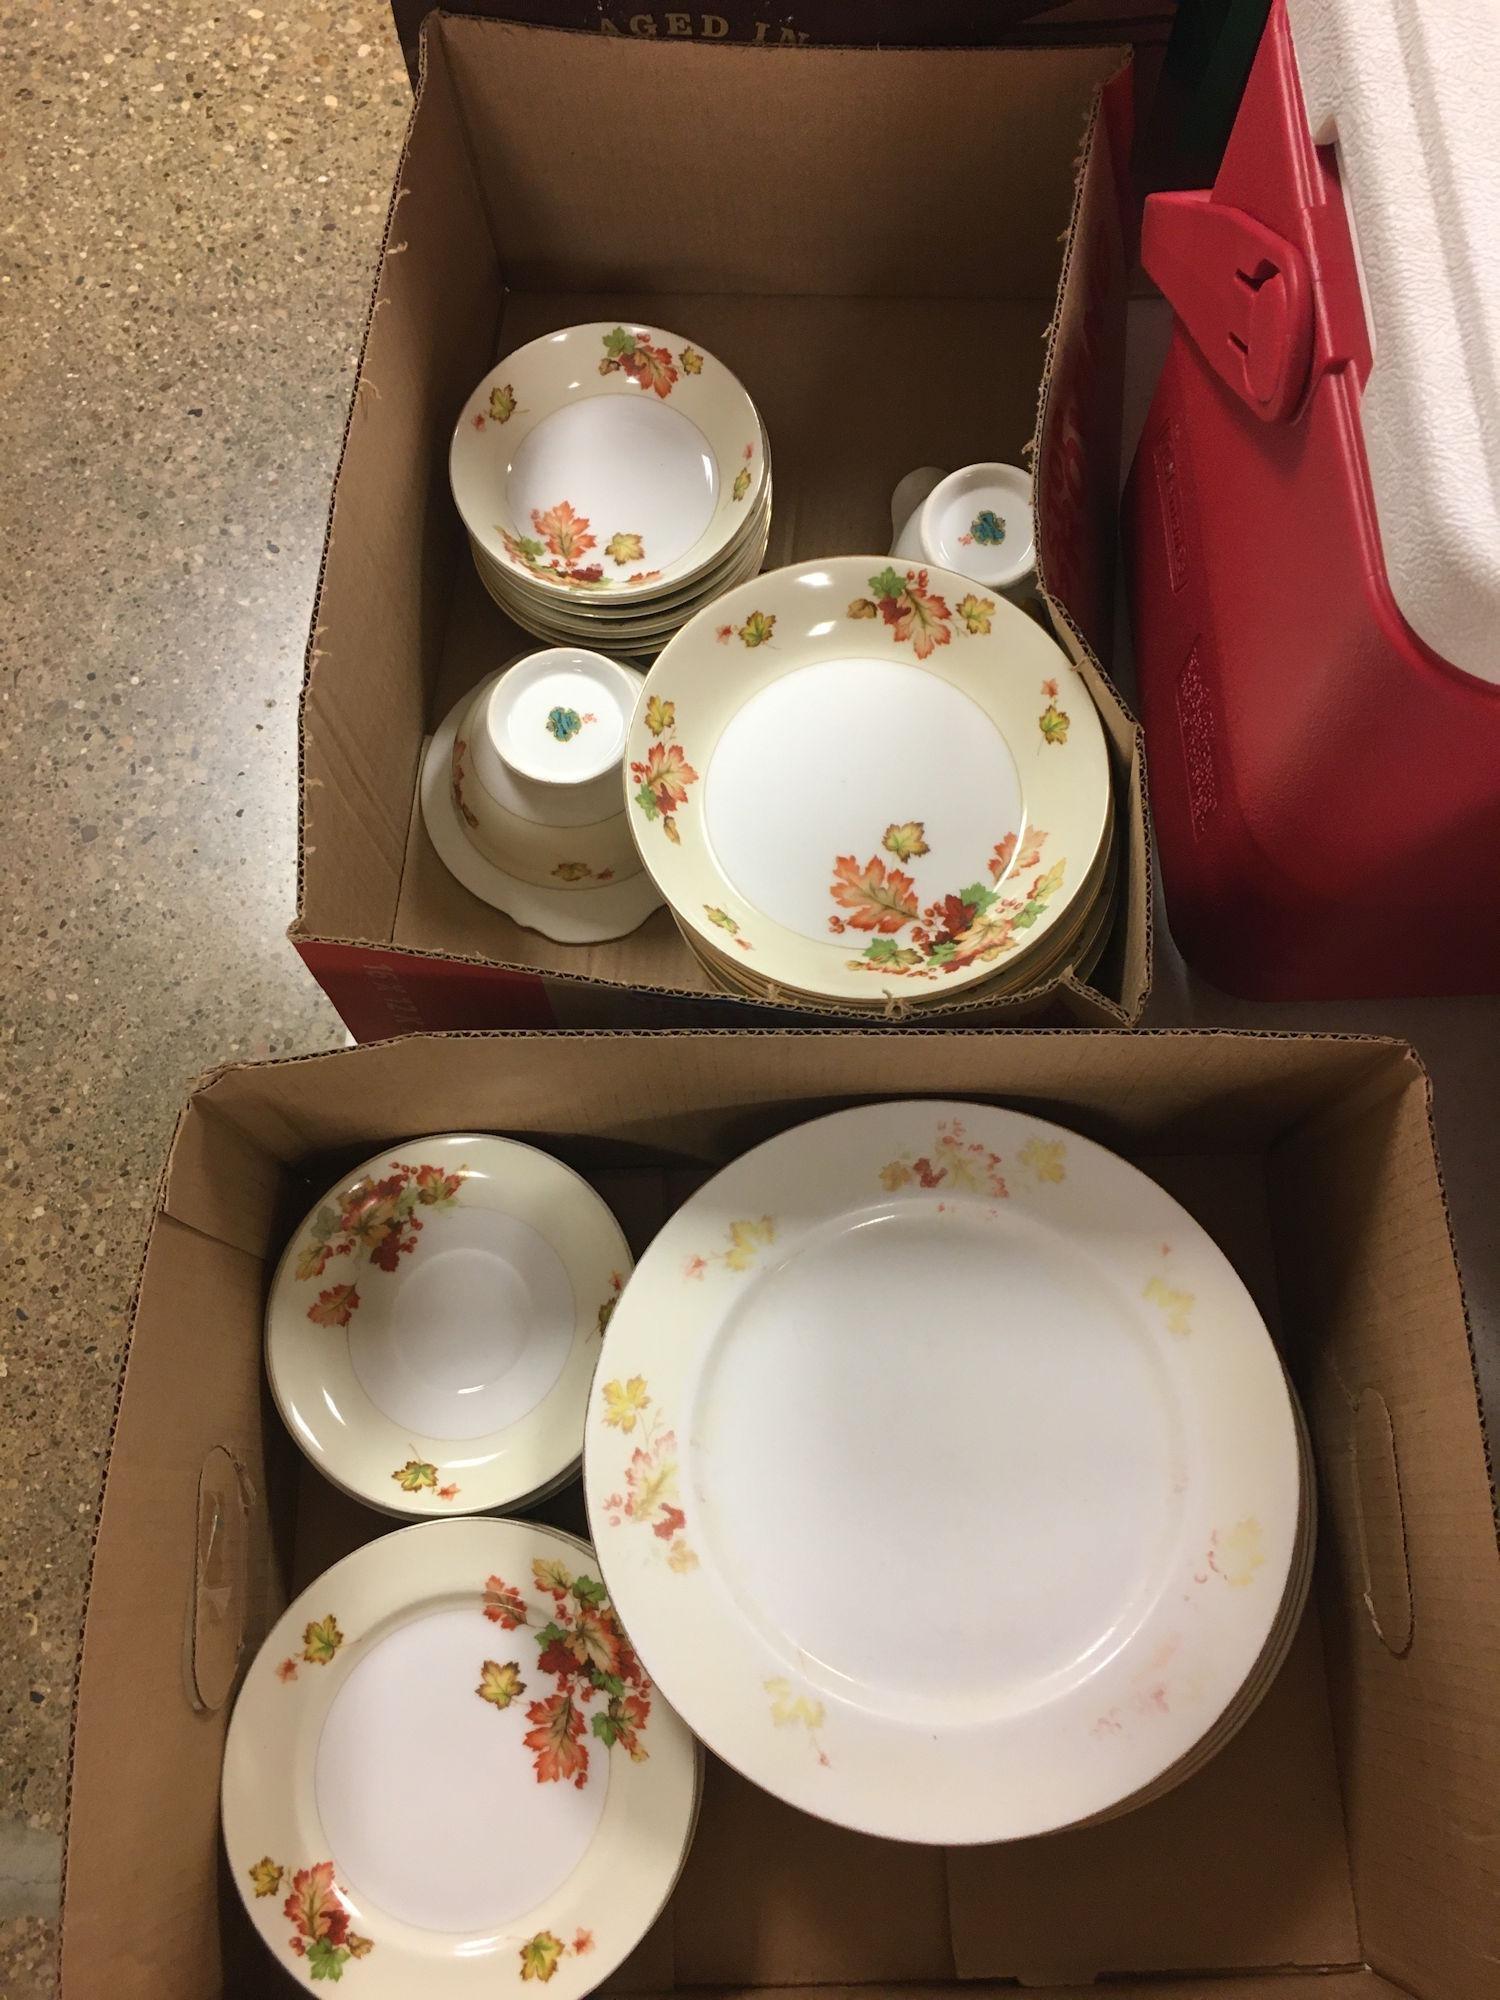 2 BOX LOTS OF MEITO CHINA FALL PRINT DISH SET